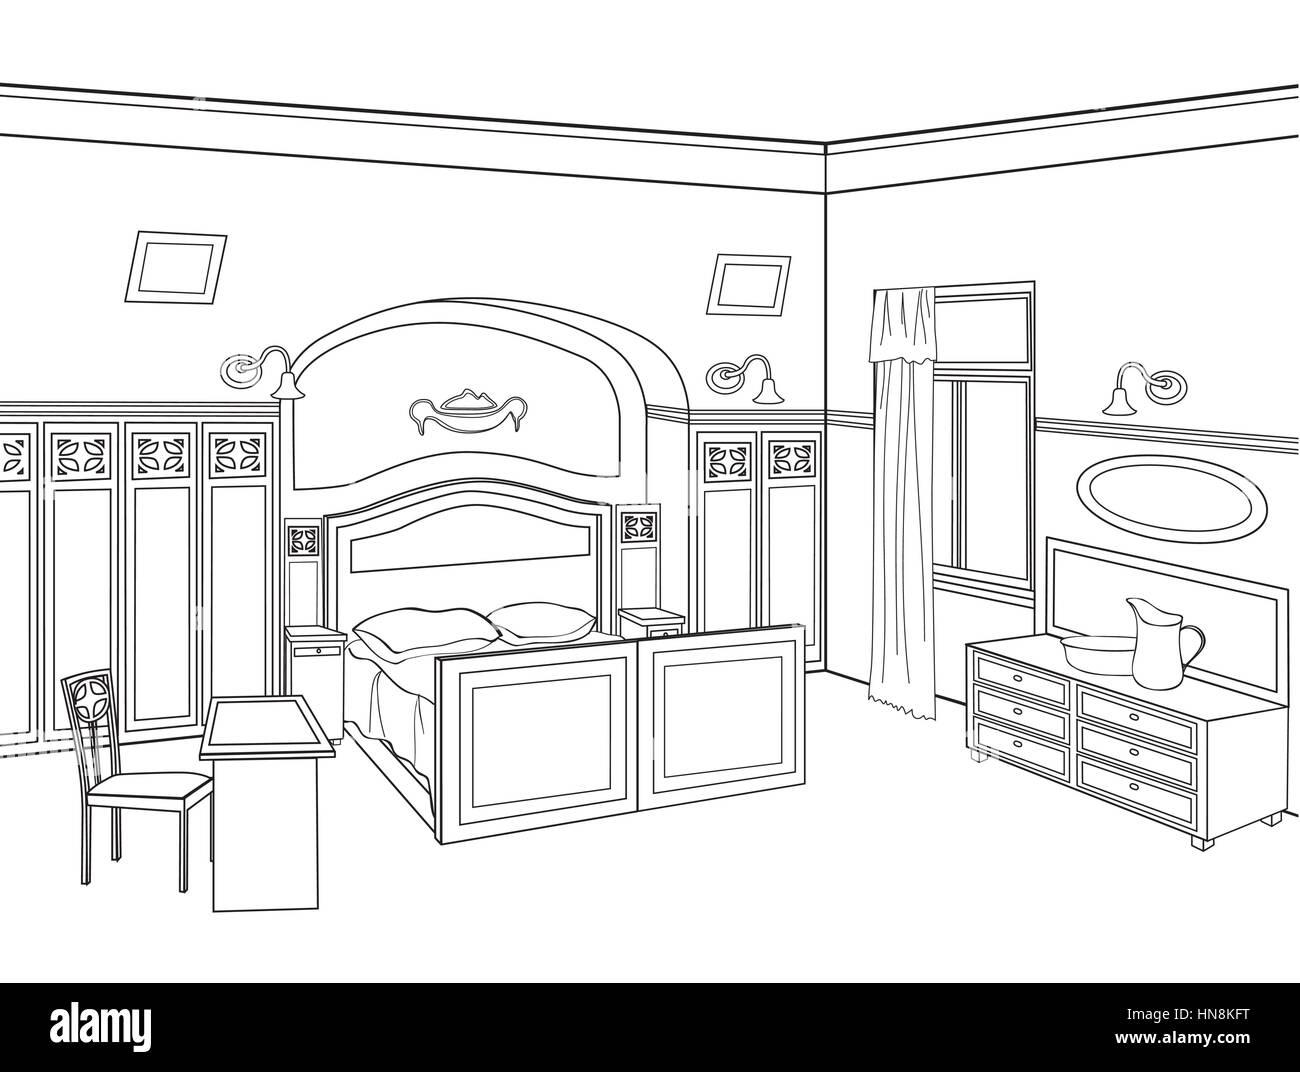 Schlafzimmer möbel. editable Vector Illustration von schematischen ...